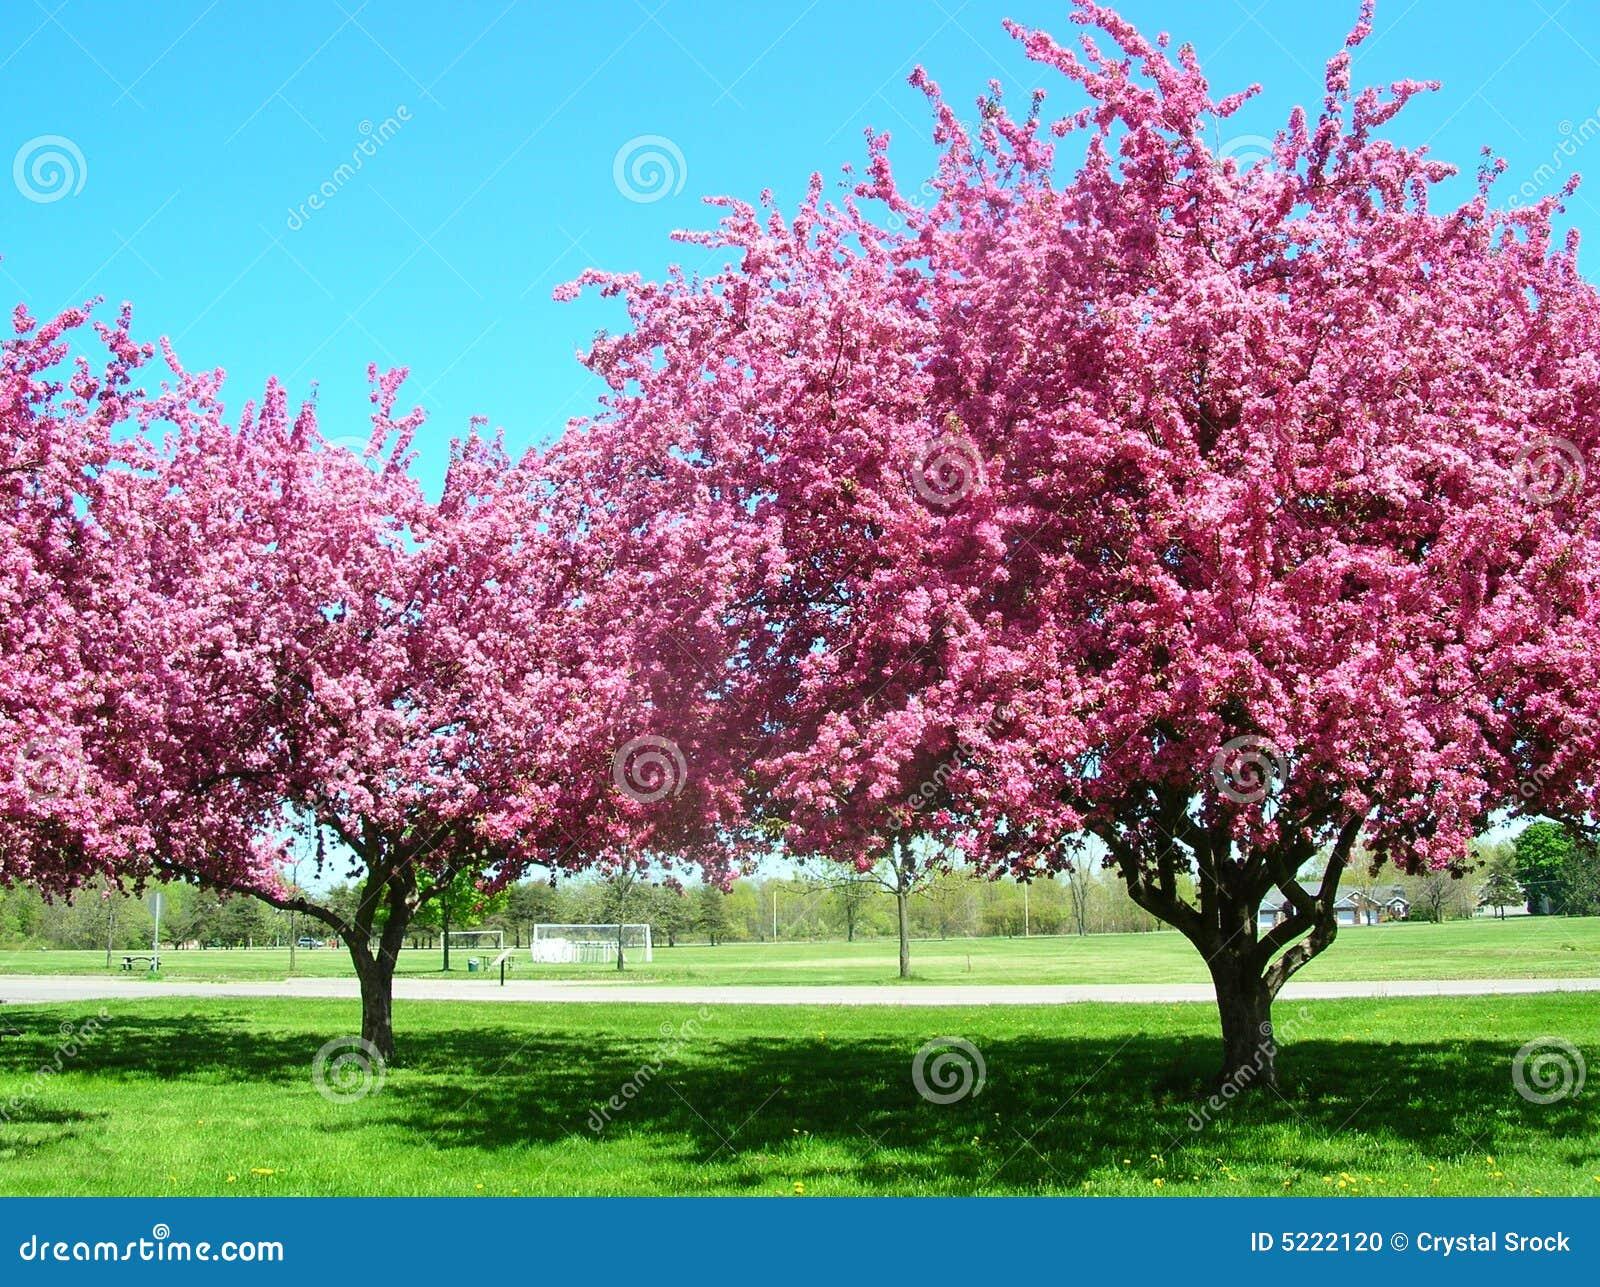 arbres roses en fleur photo stock image du arbre ciel 5222120. Black Bedroom Furniture Sets. Home Design Ideas